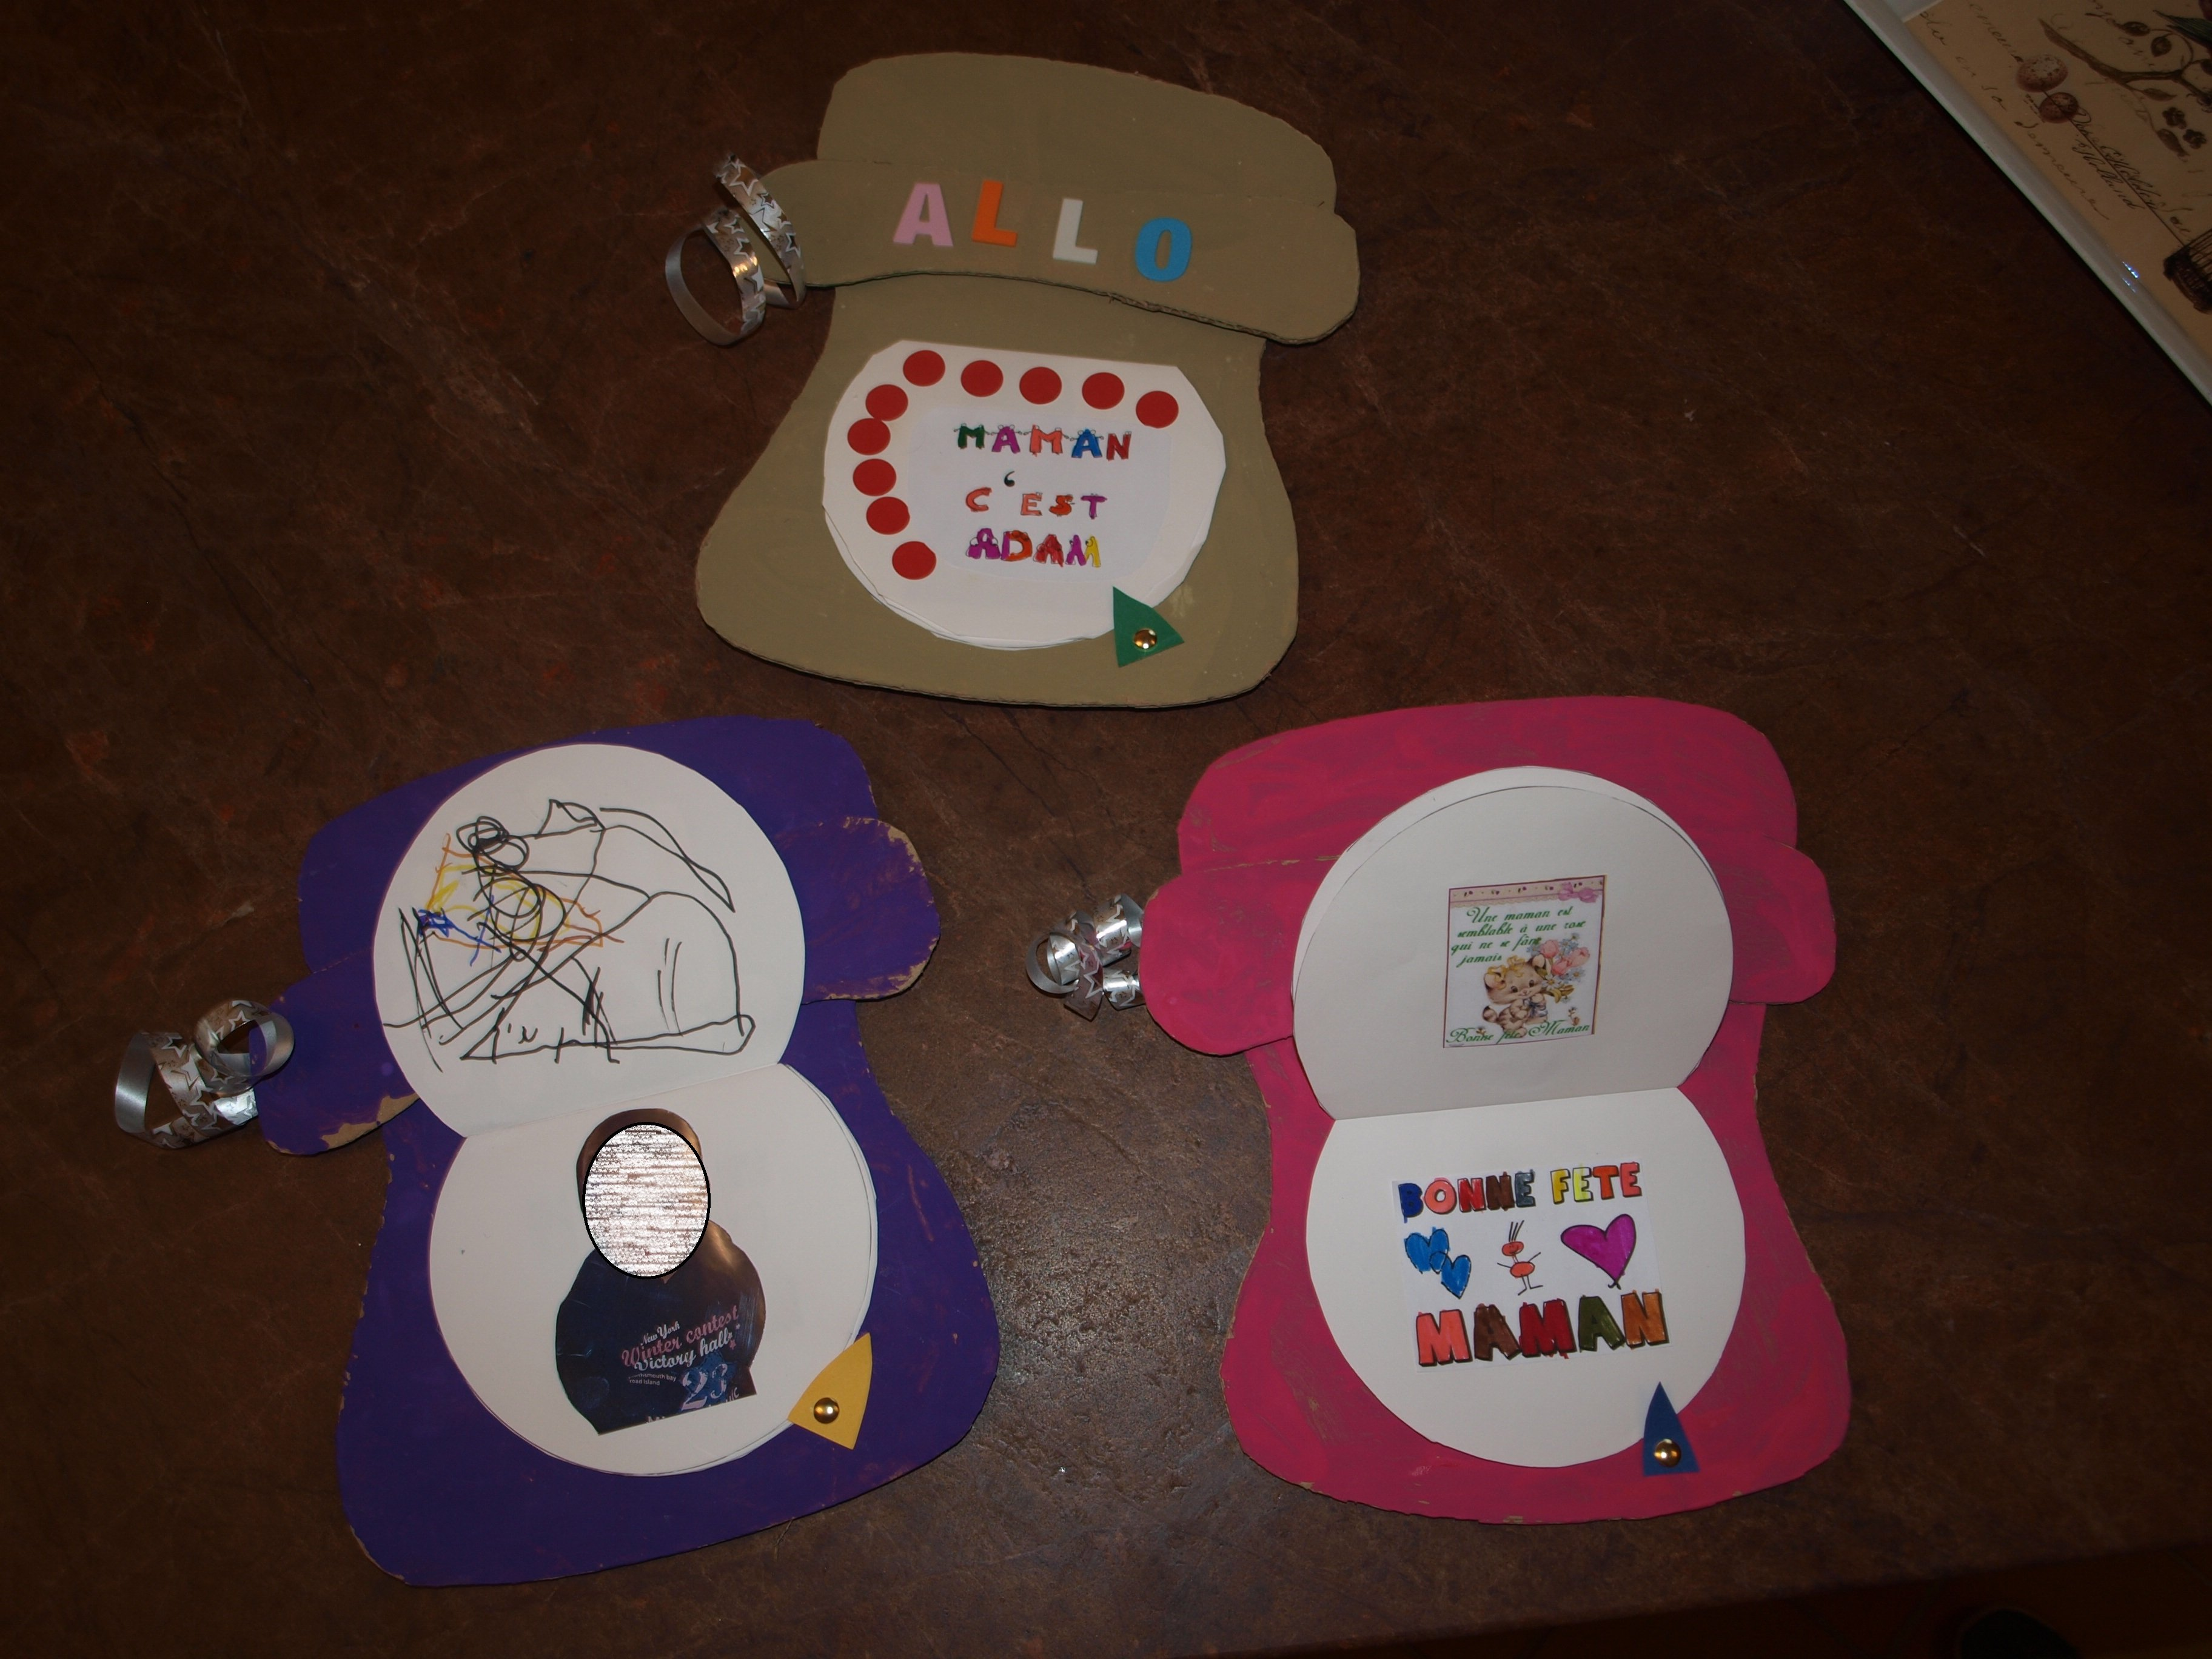 Cadeaux Fete Des Peres destiné christelle assistante maternelle a naintre � fete des peres et meres